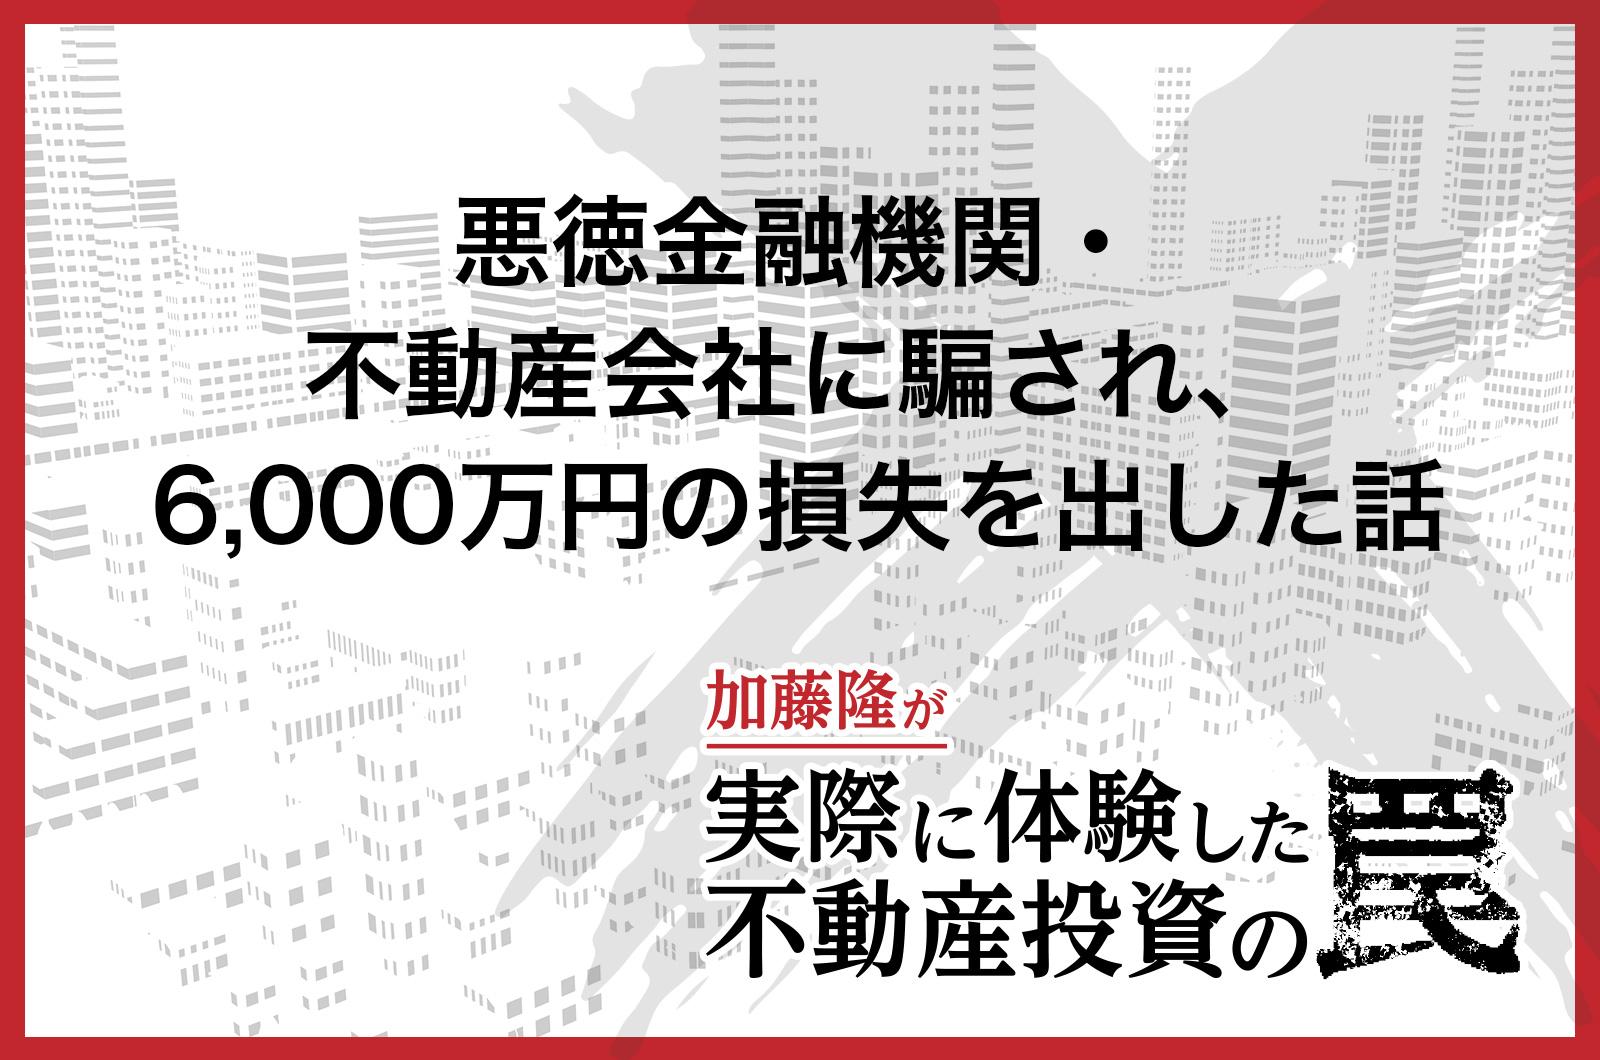 悪徳金融機関・不動産会社に騙され、6,000万円の損失を出した話